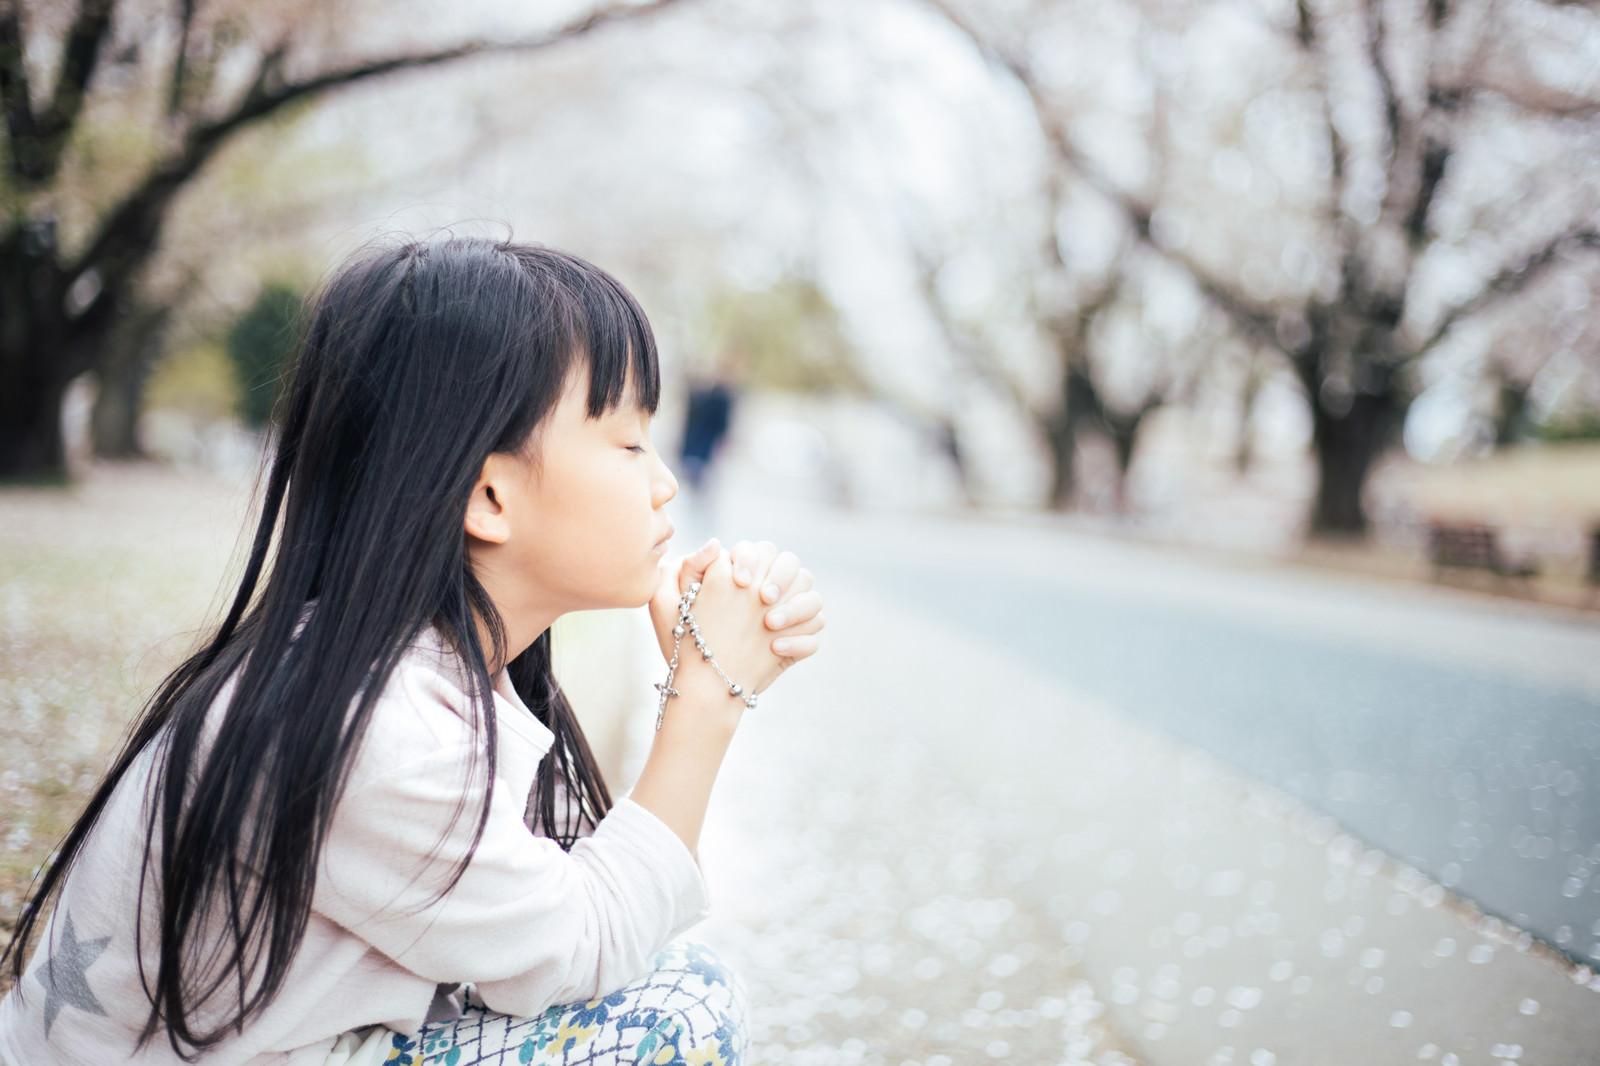 「ロザリアを握り締めて願う女の子」の写真[モデル:あんじゅ]